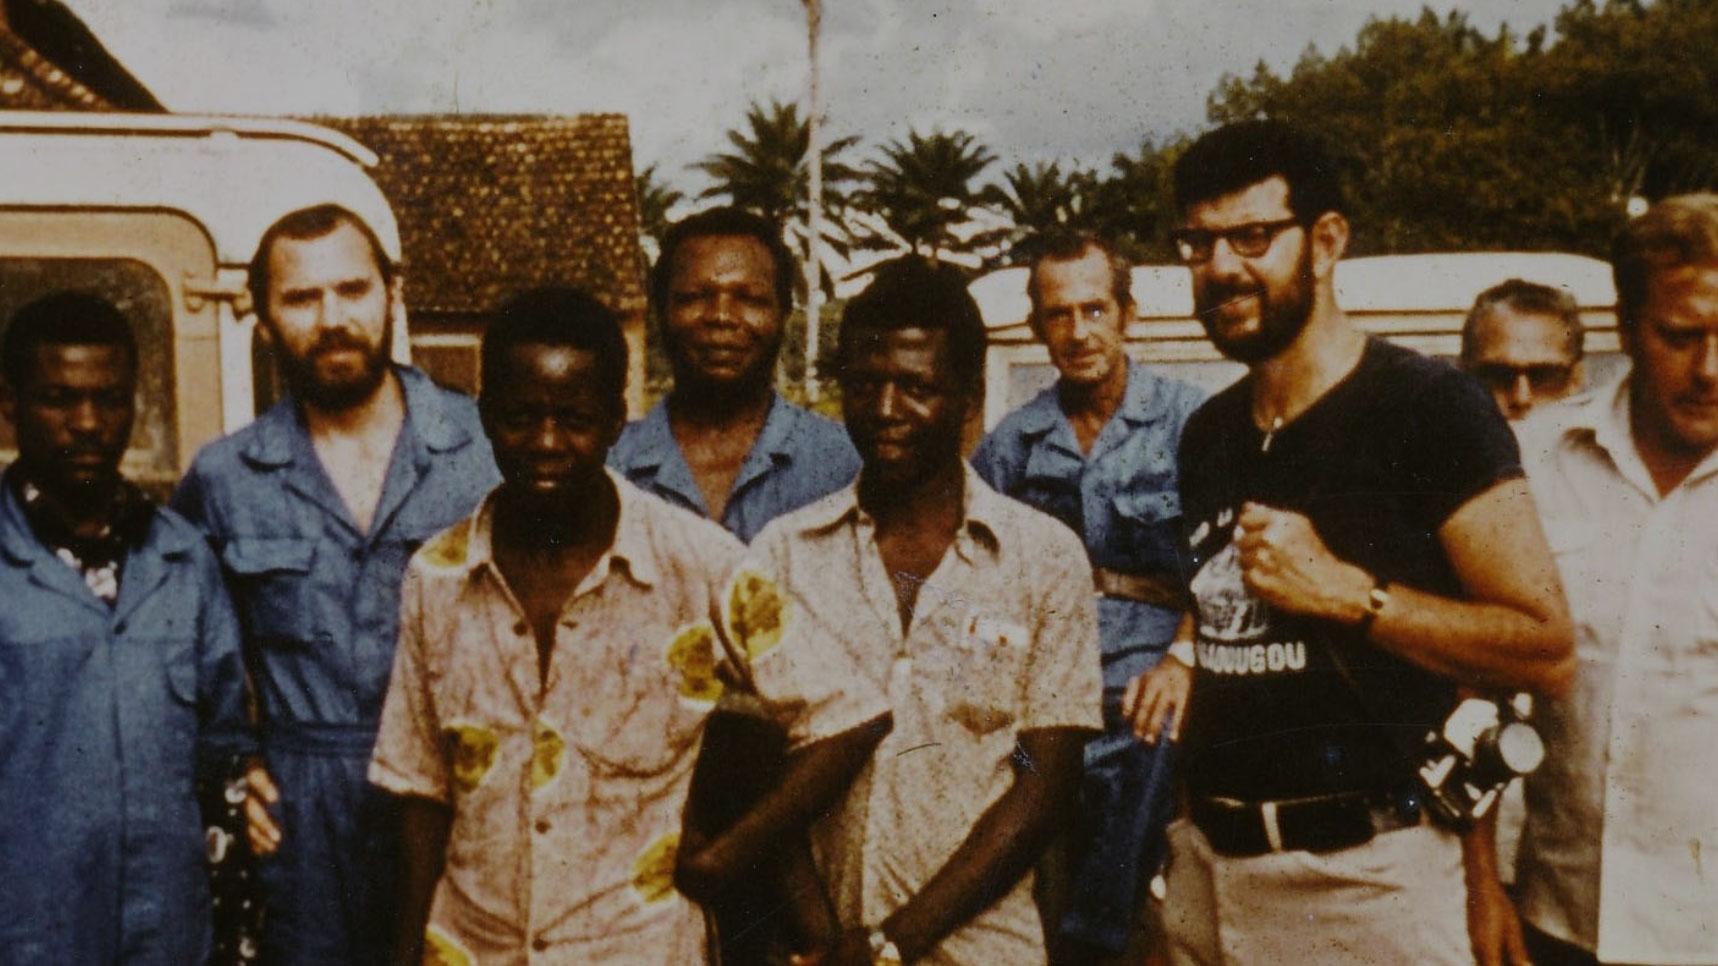 En 1976, j'ai découvert le virus Ebola